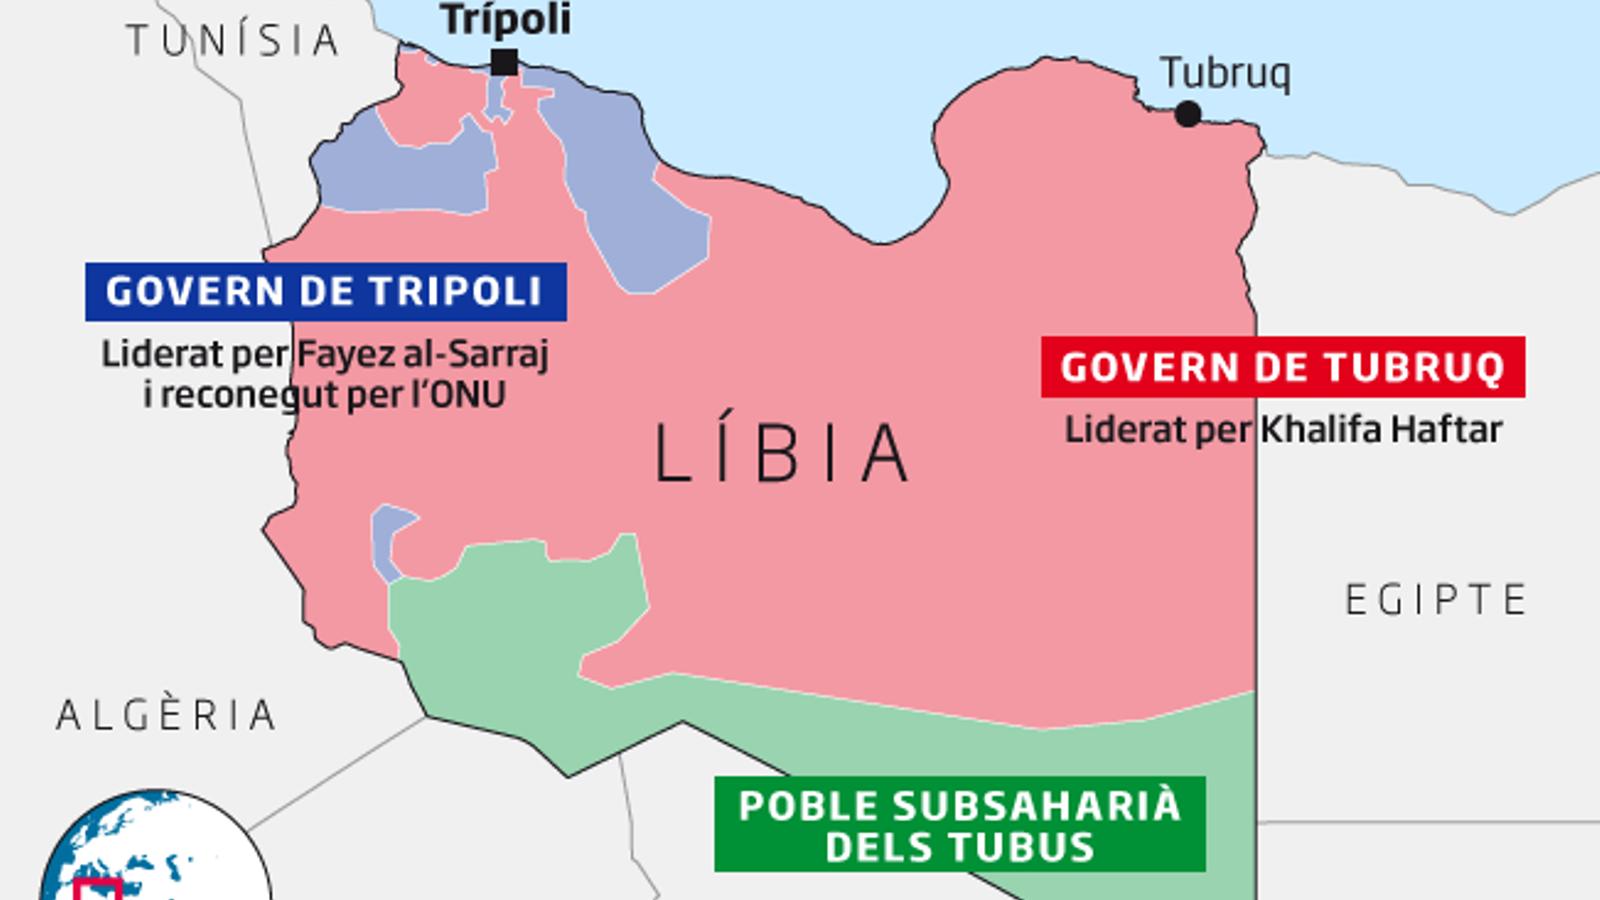 Rússia i Turquia demanen un alto el foc a Líbia